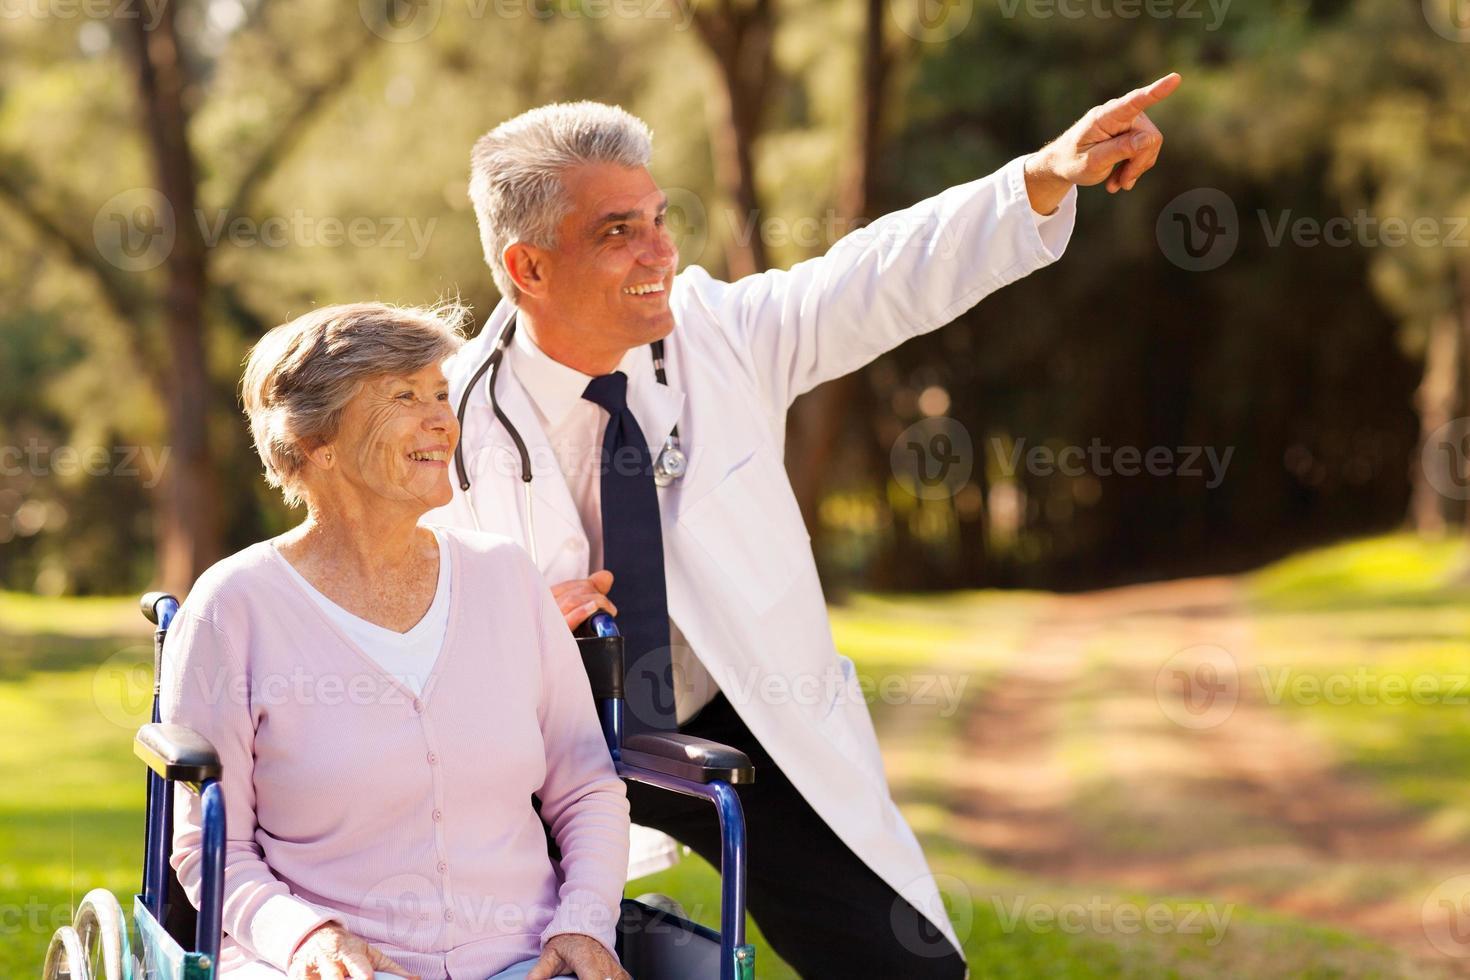 amigable médico y paciente senior al aire libre para pasear foto